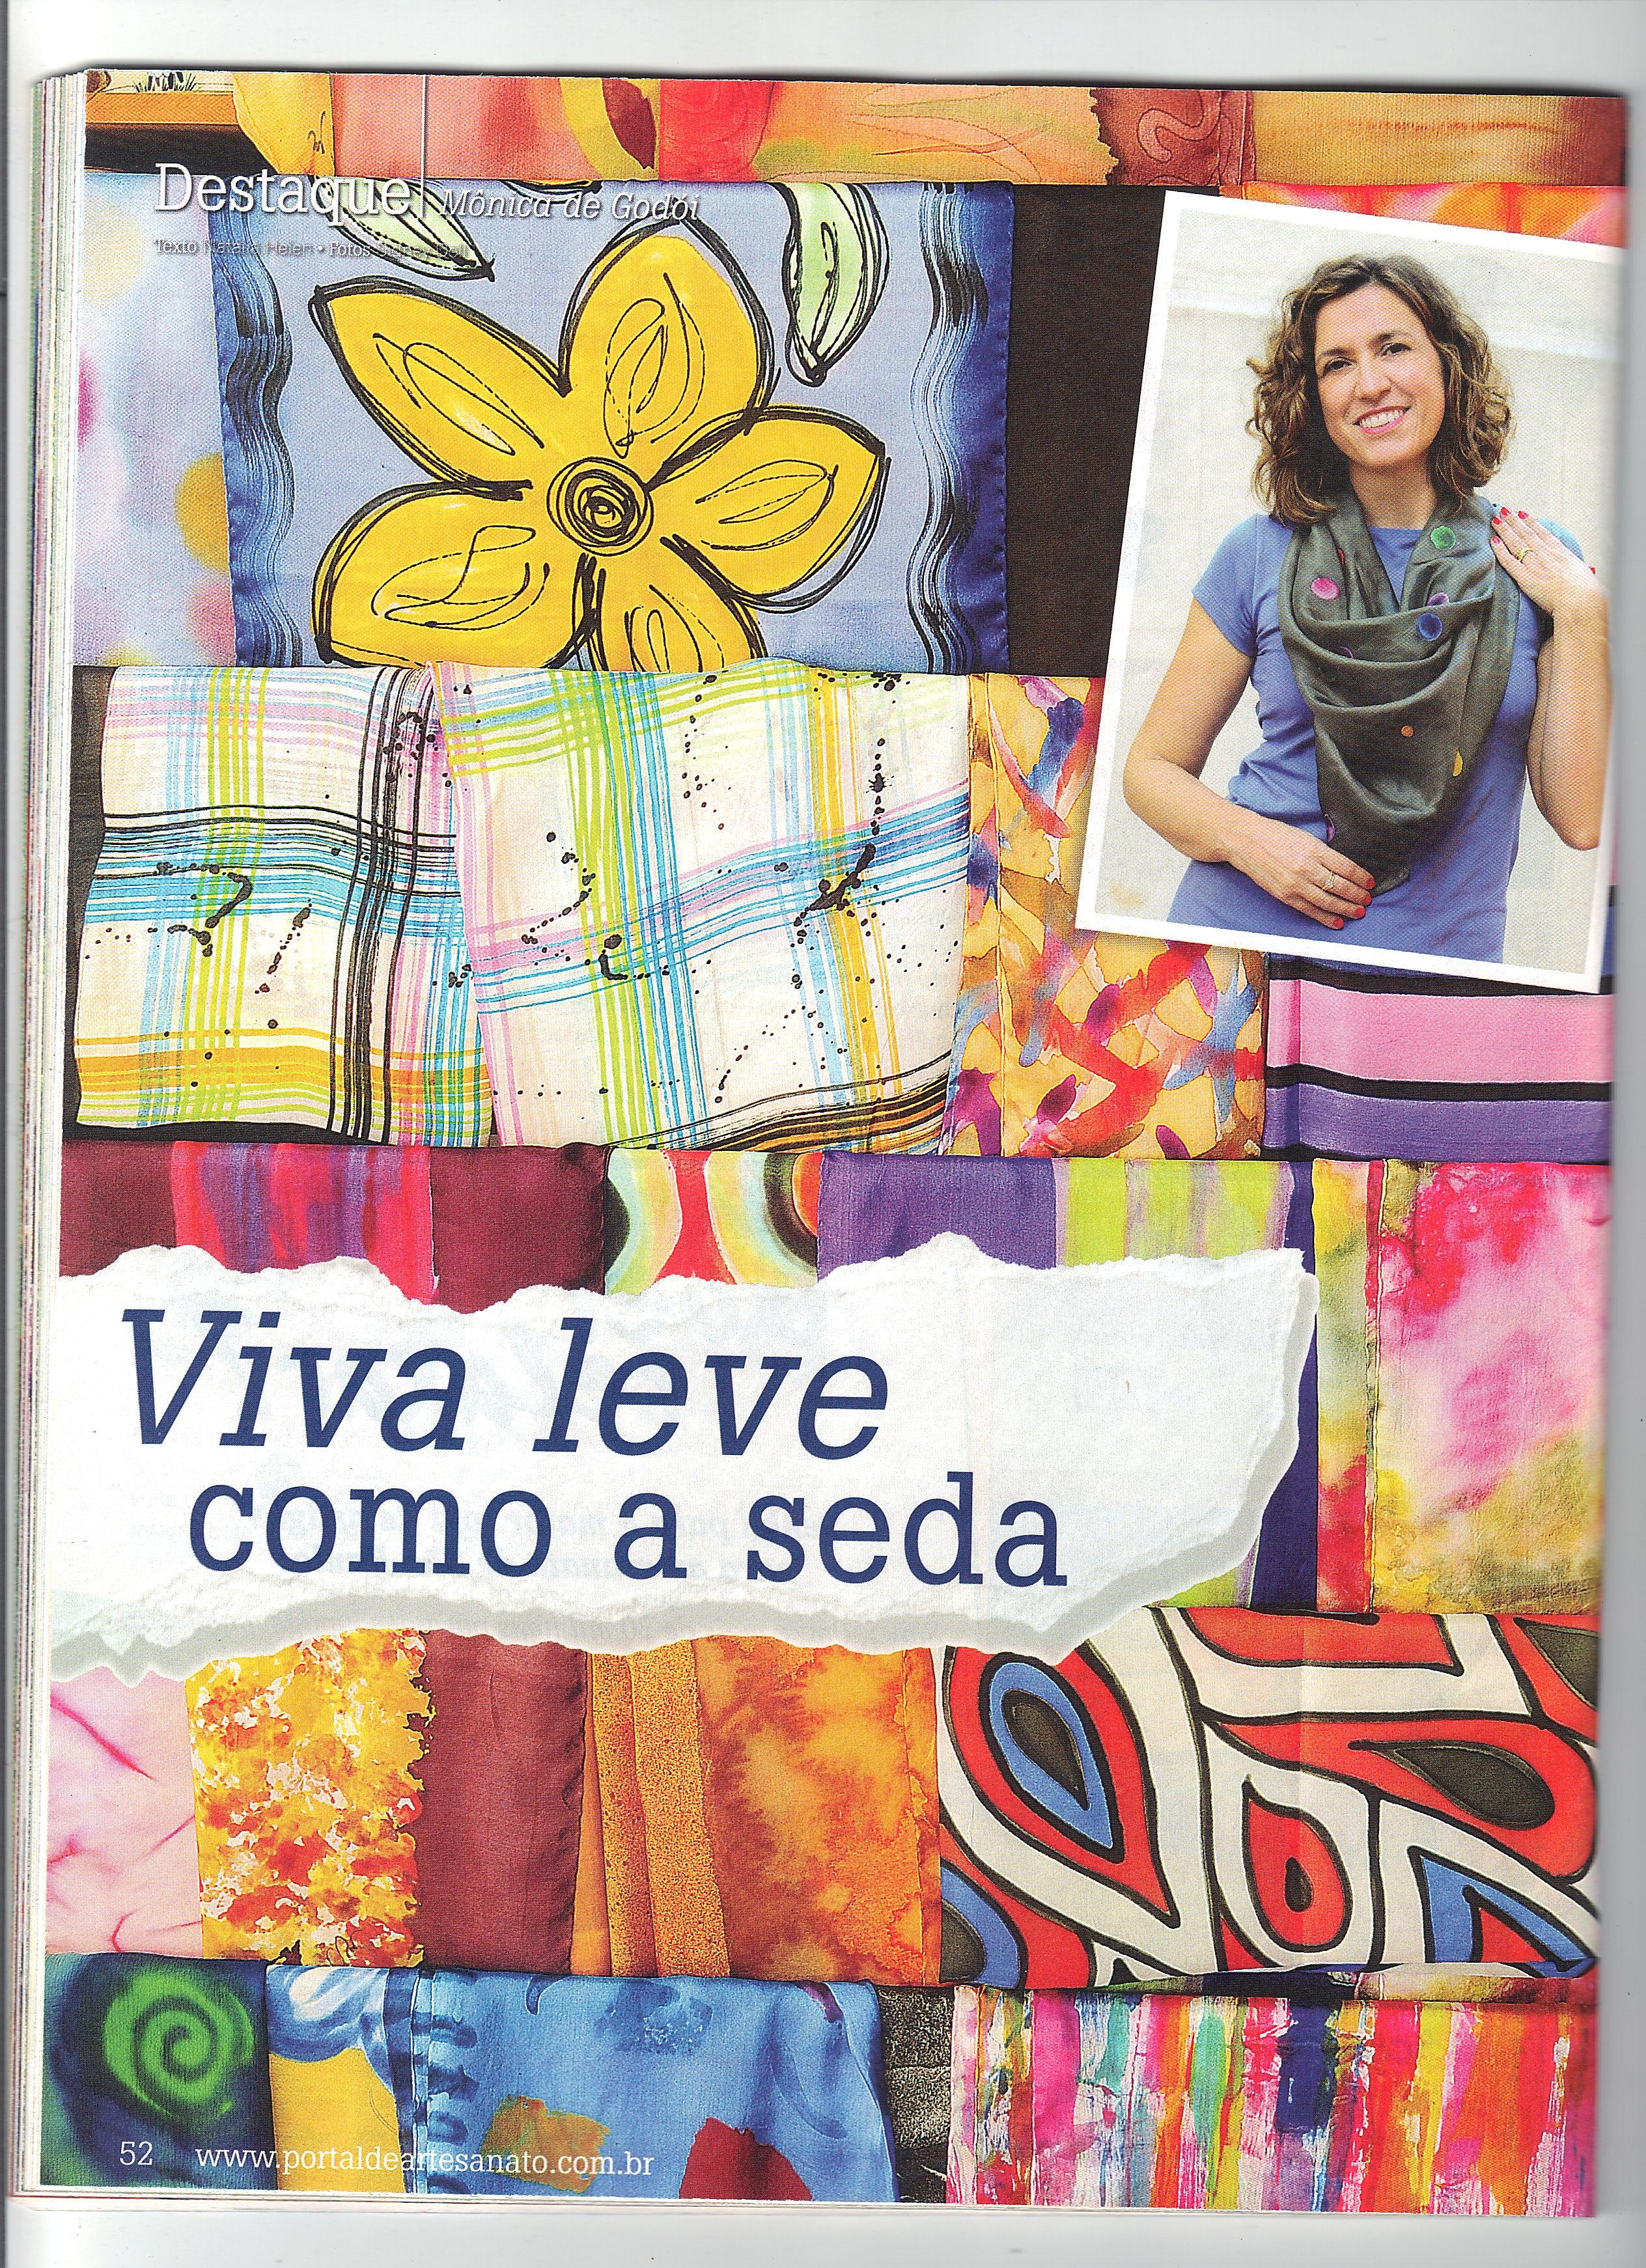 Estou_na_Revista_Faça_Fácil_de_novo